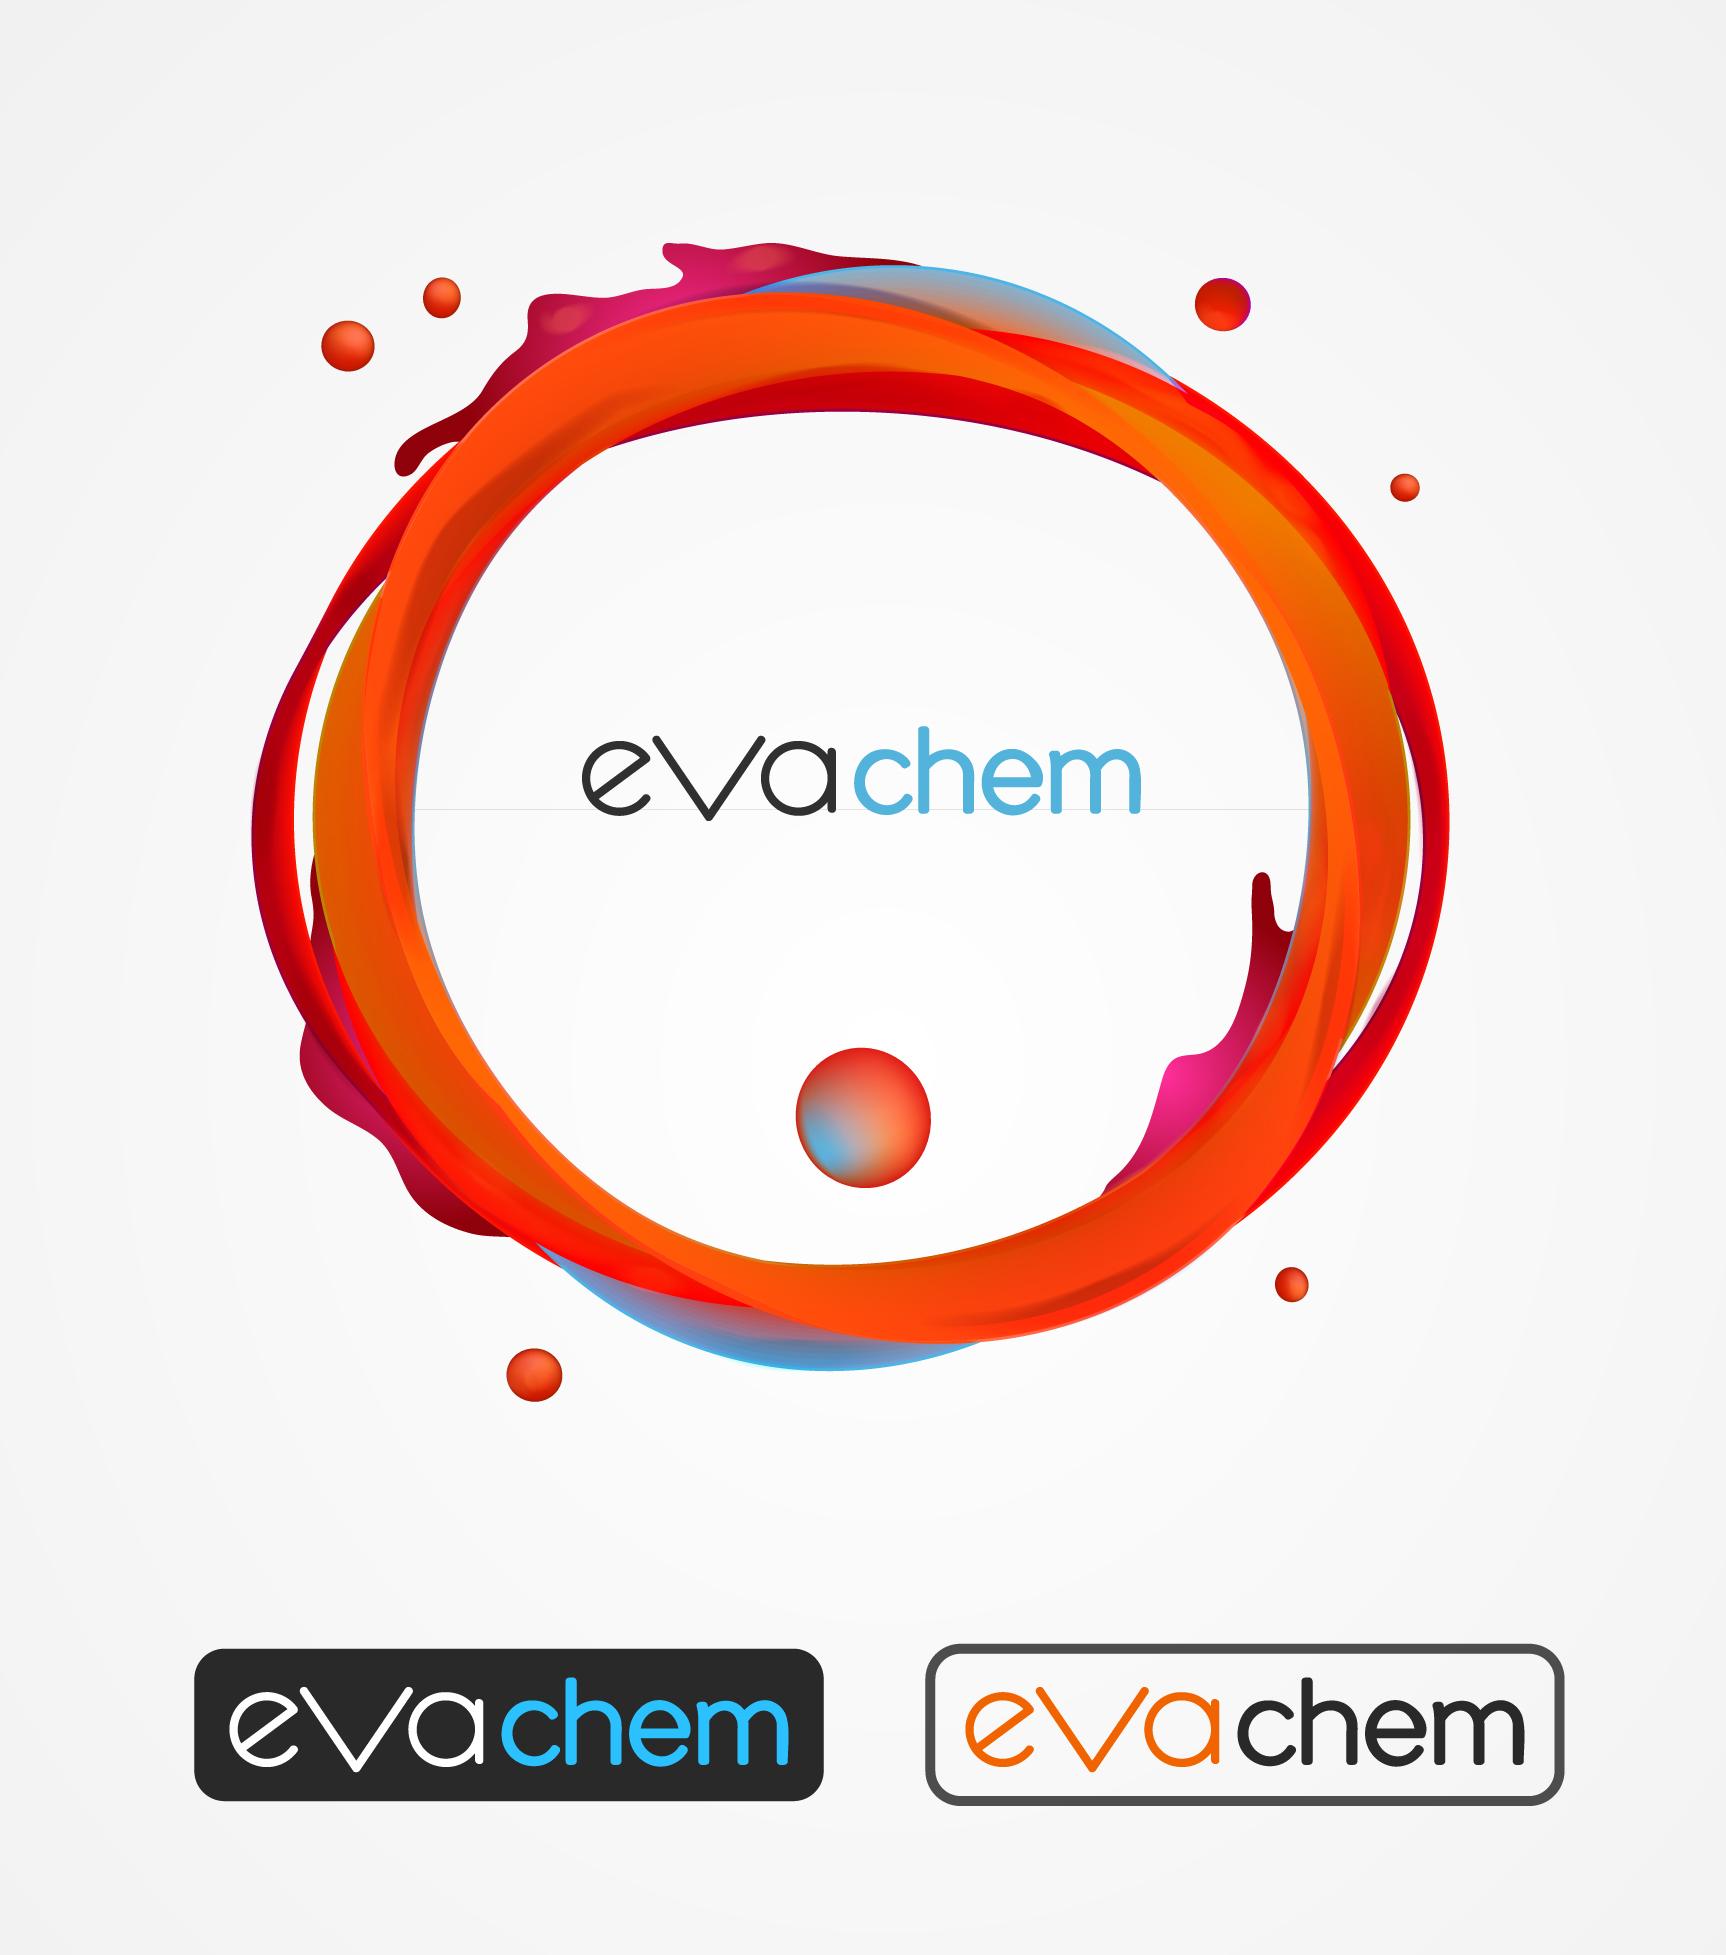 Разработка логотипа и фирменного стиля компании фото f_005572a4ca632a61.jpg